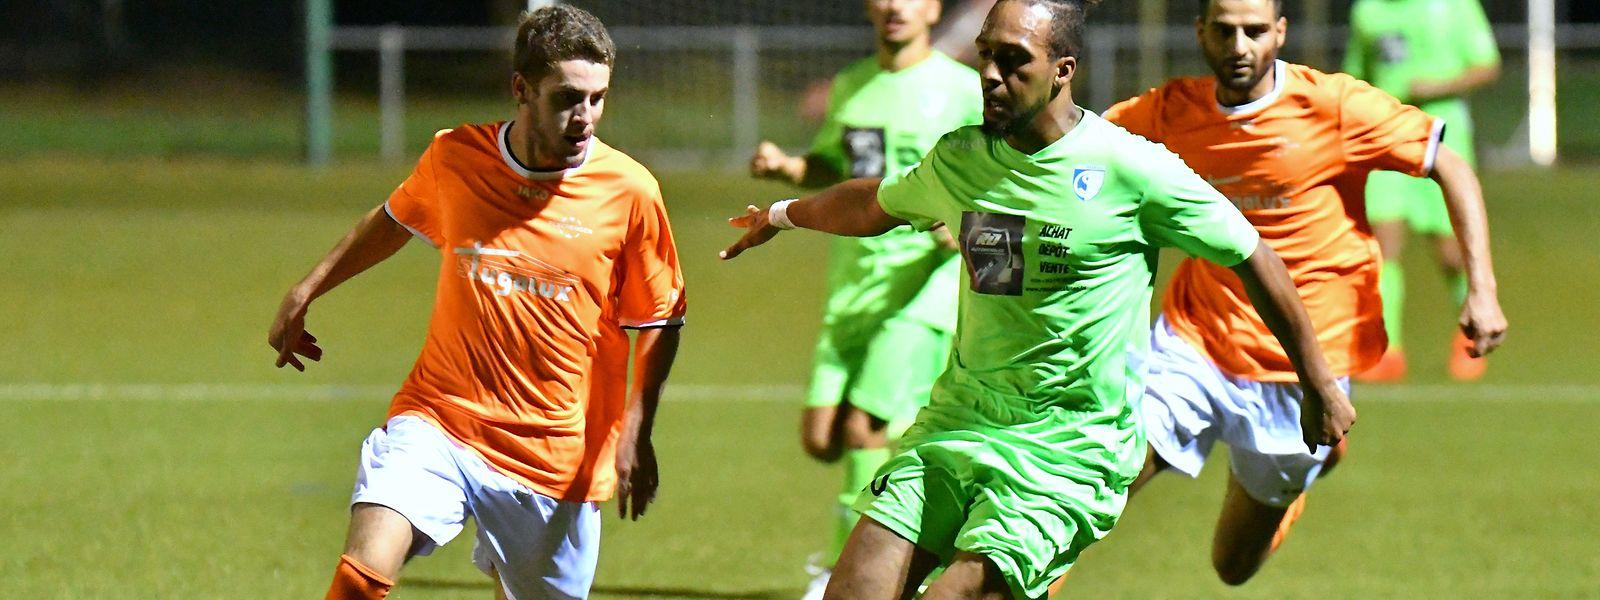 Brian Pereira, (FC Schengen, à g.) et Evandro dos Santos (CS Oberkorn en vert) se disputent la qualification: c'est le joueur du CSO qui aura le sourire à la fin